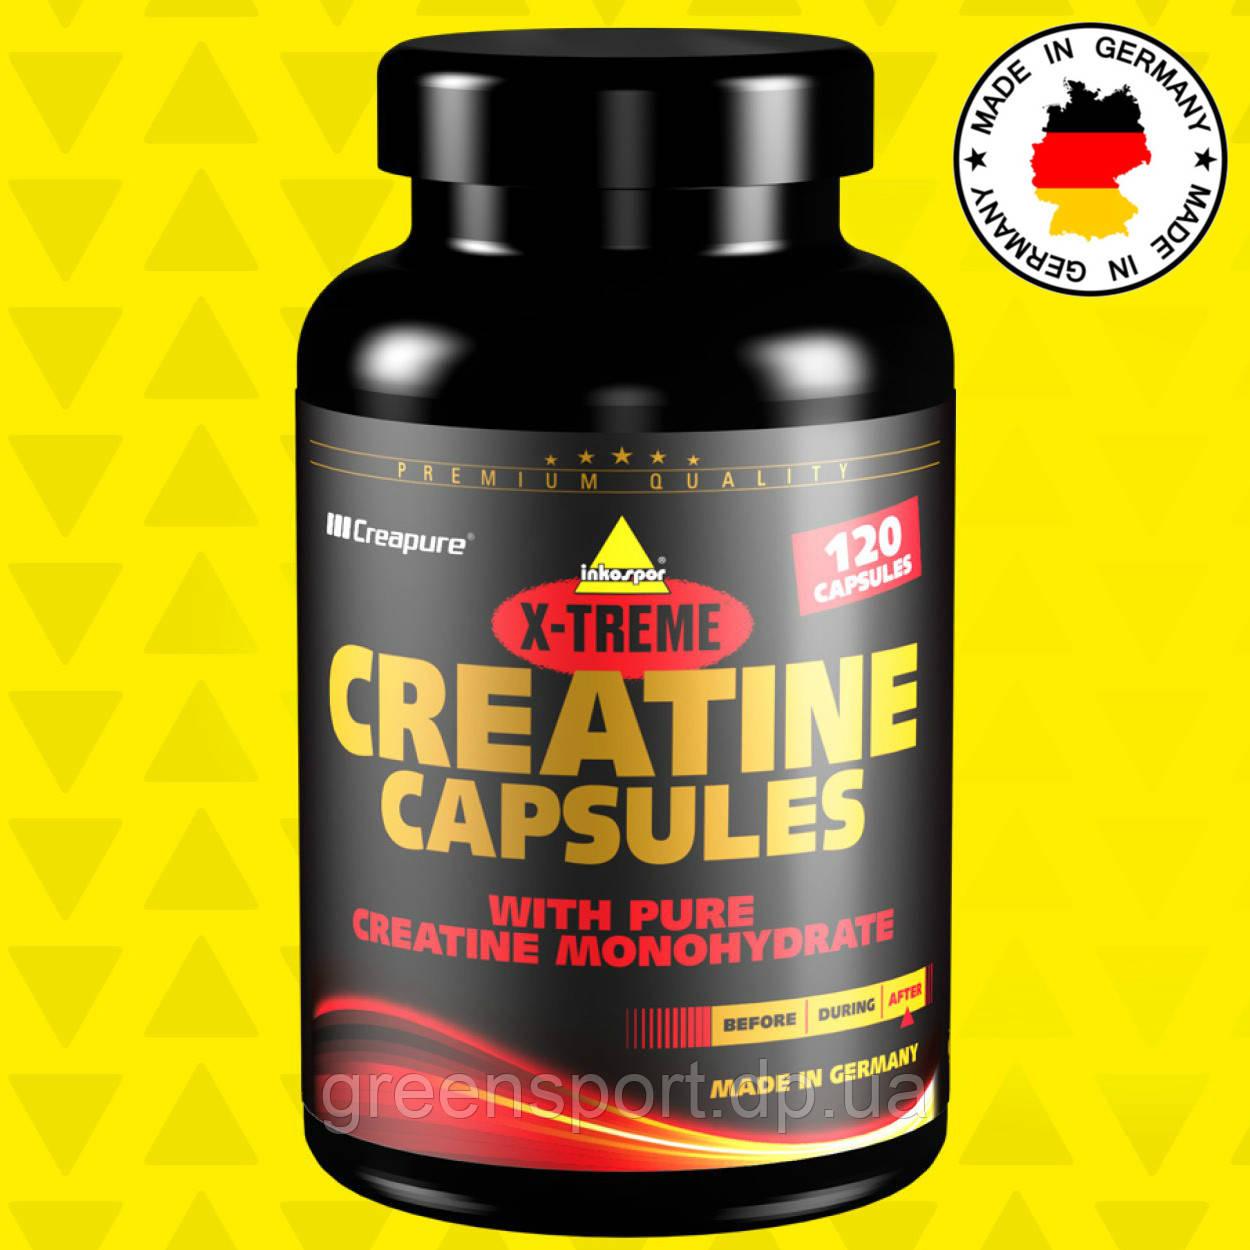 Креатин Inkospor X-Treme Creatine Capsules 120 капсул